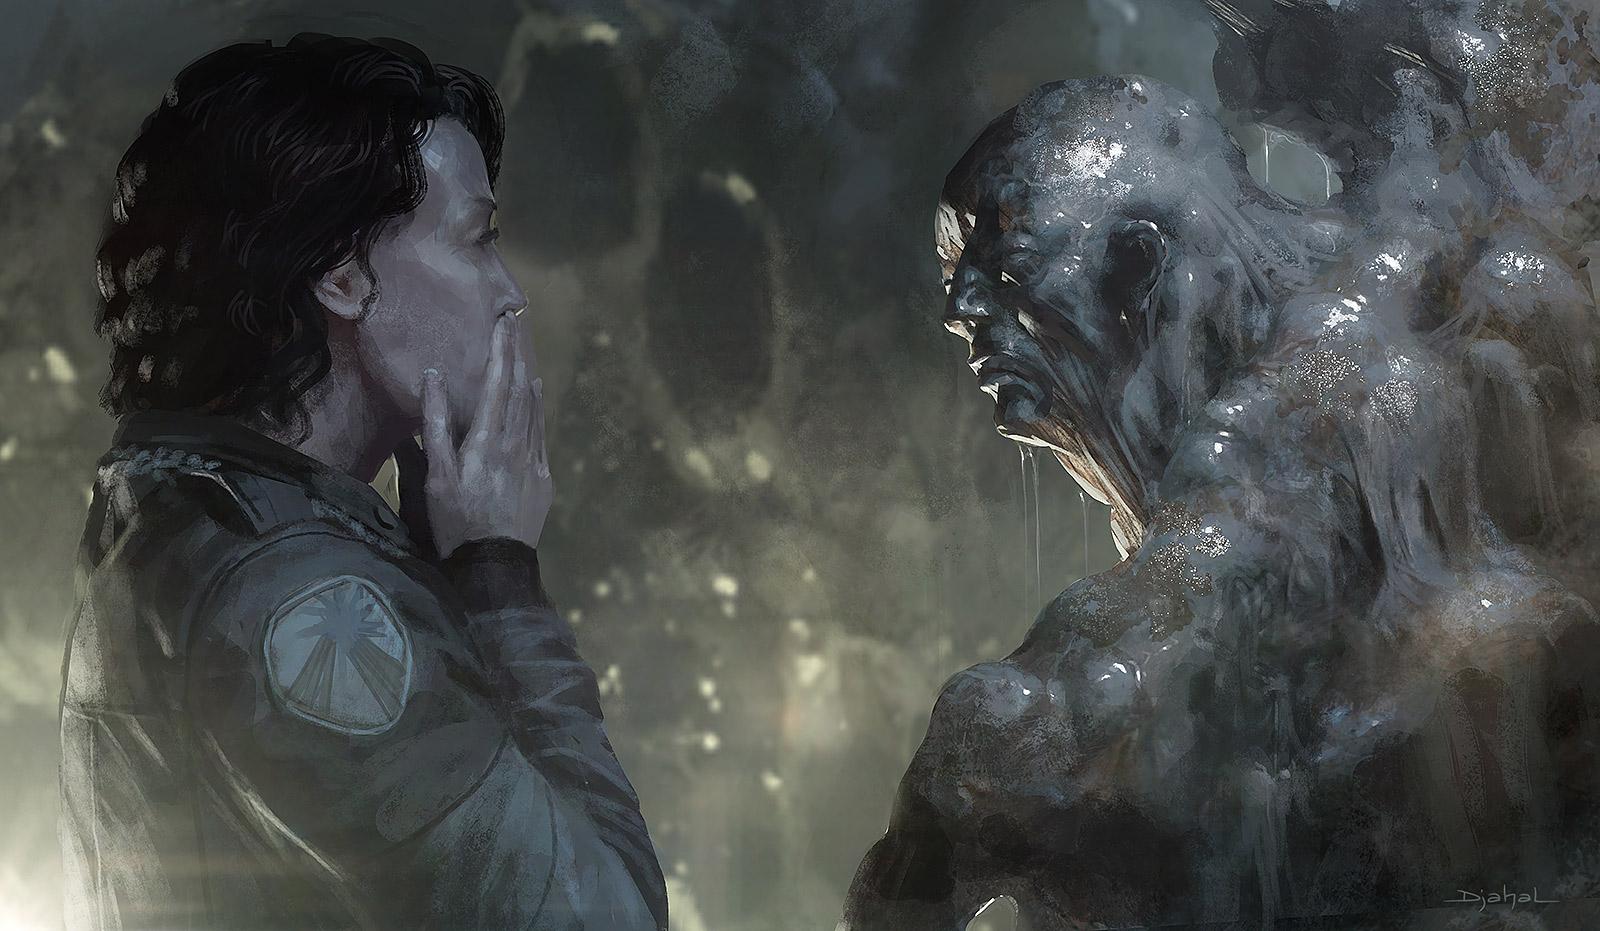 Alien 5 Melting by djahal